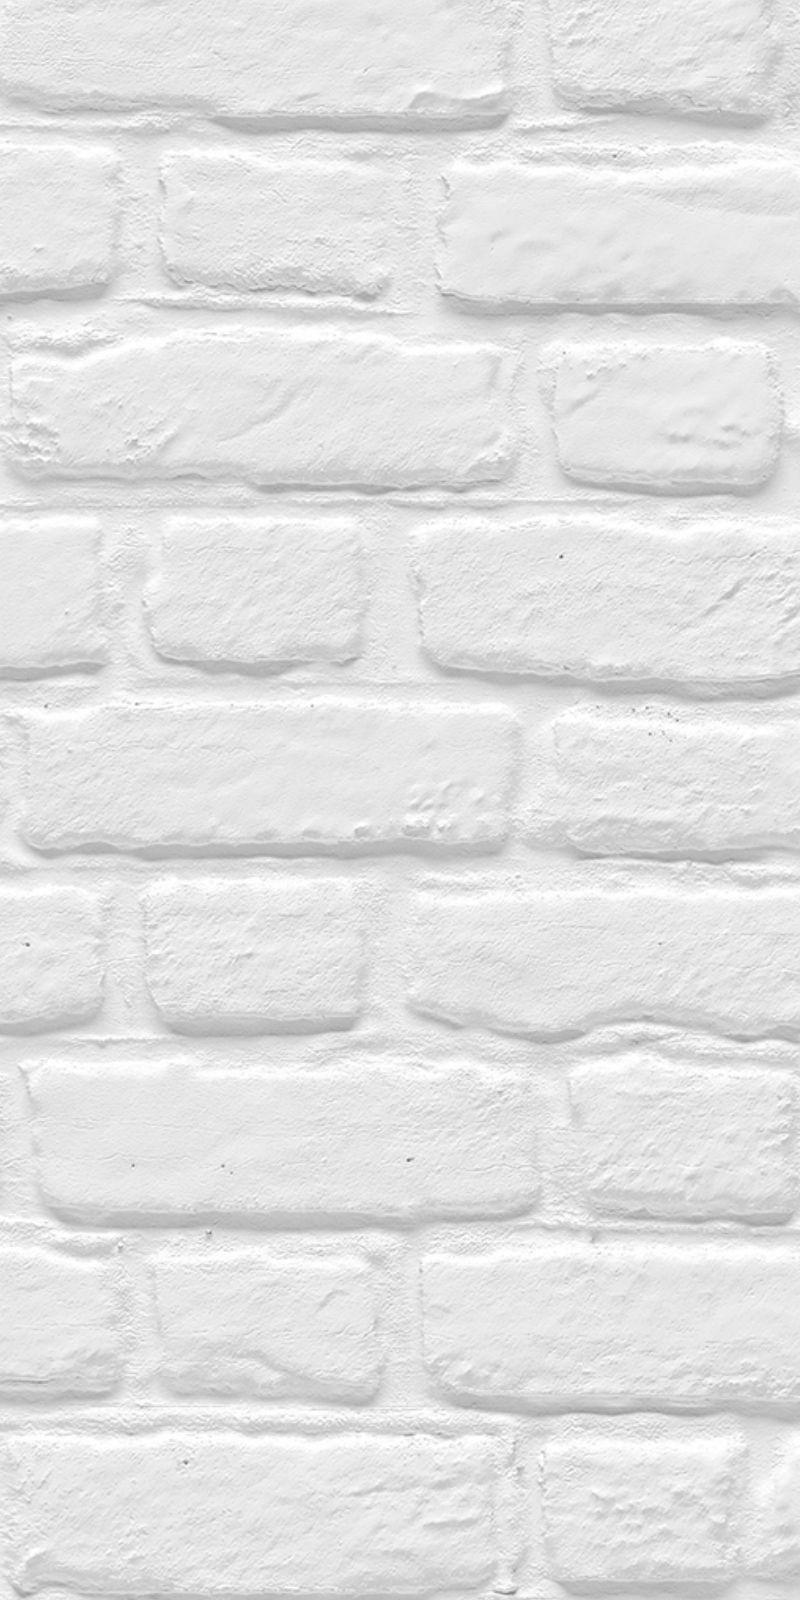 Brick Caruso Ce Panneau De Hdf Est Fait De Fibre De Bois 100 Recyclee Pour Installation Aux Murs Interieurs Dimension Brique Blanche Brique Mur Interieur